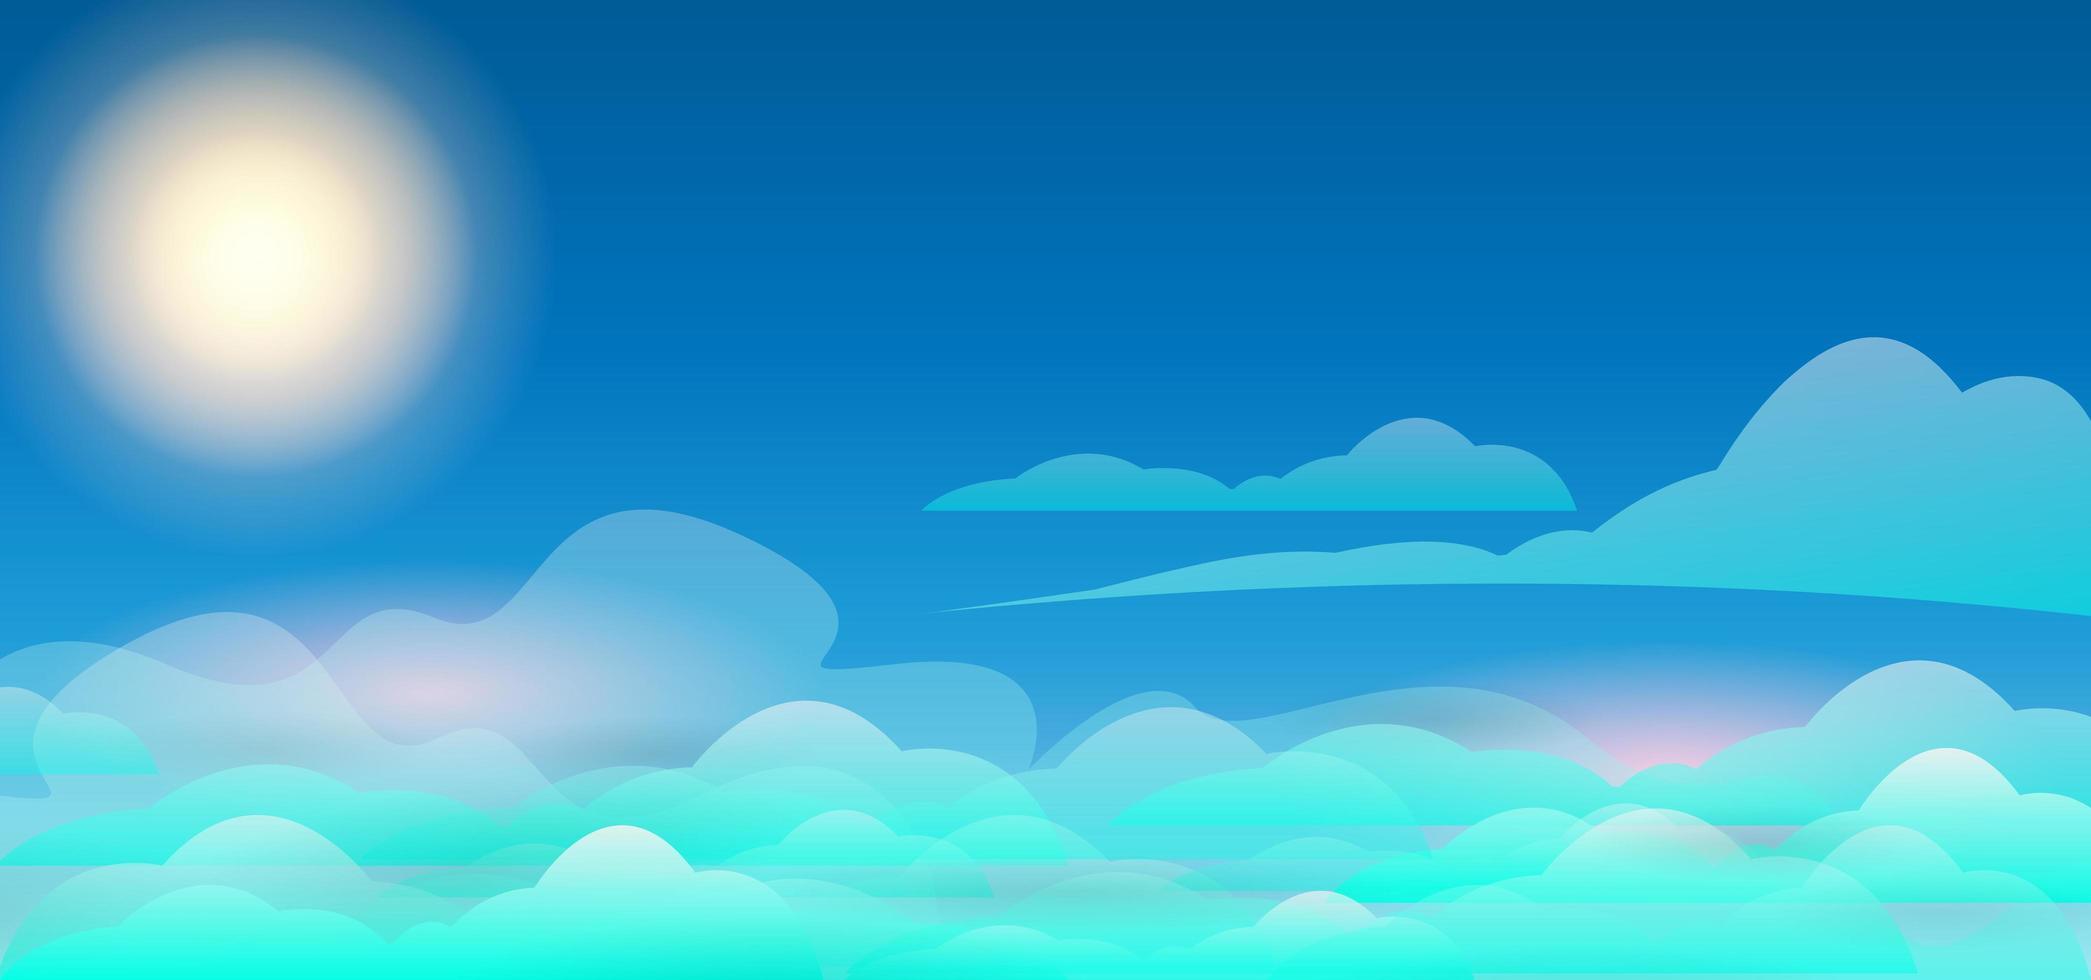 modelo de plano de fundo do céu com nuvens azuis vetor